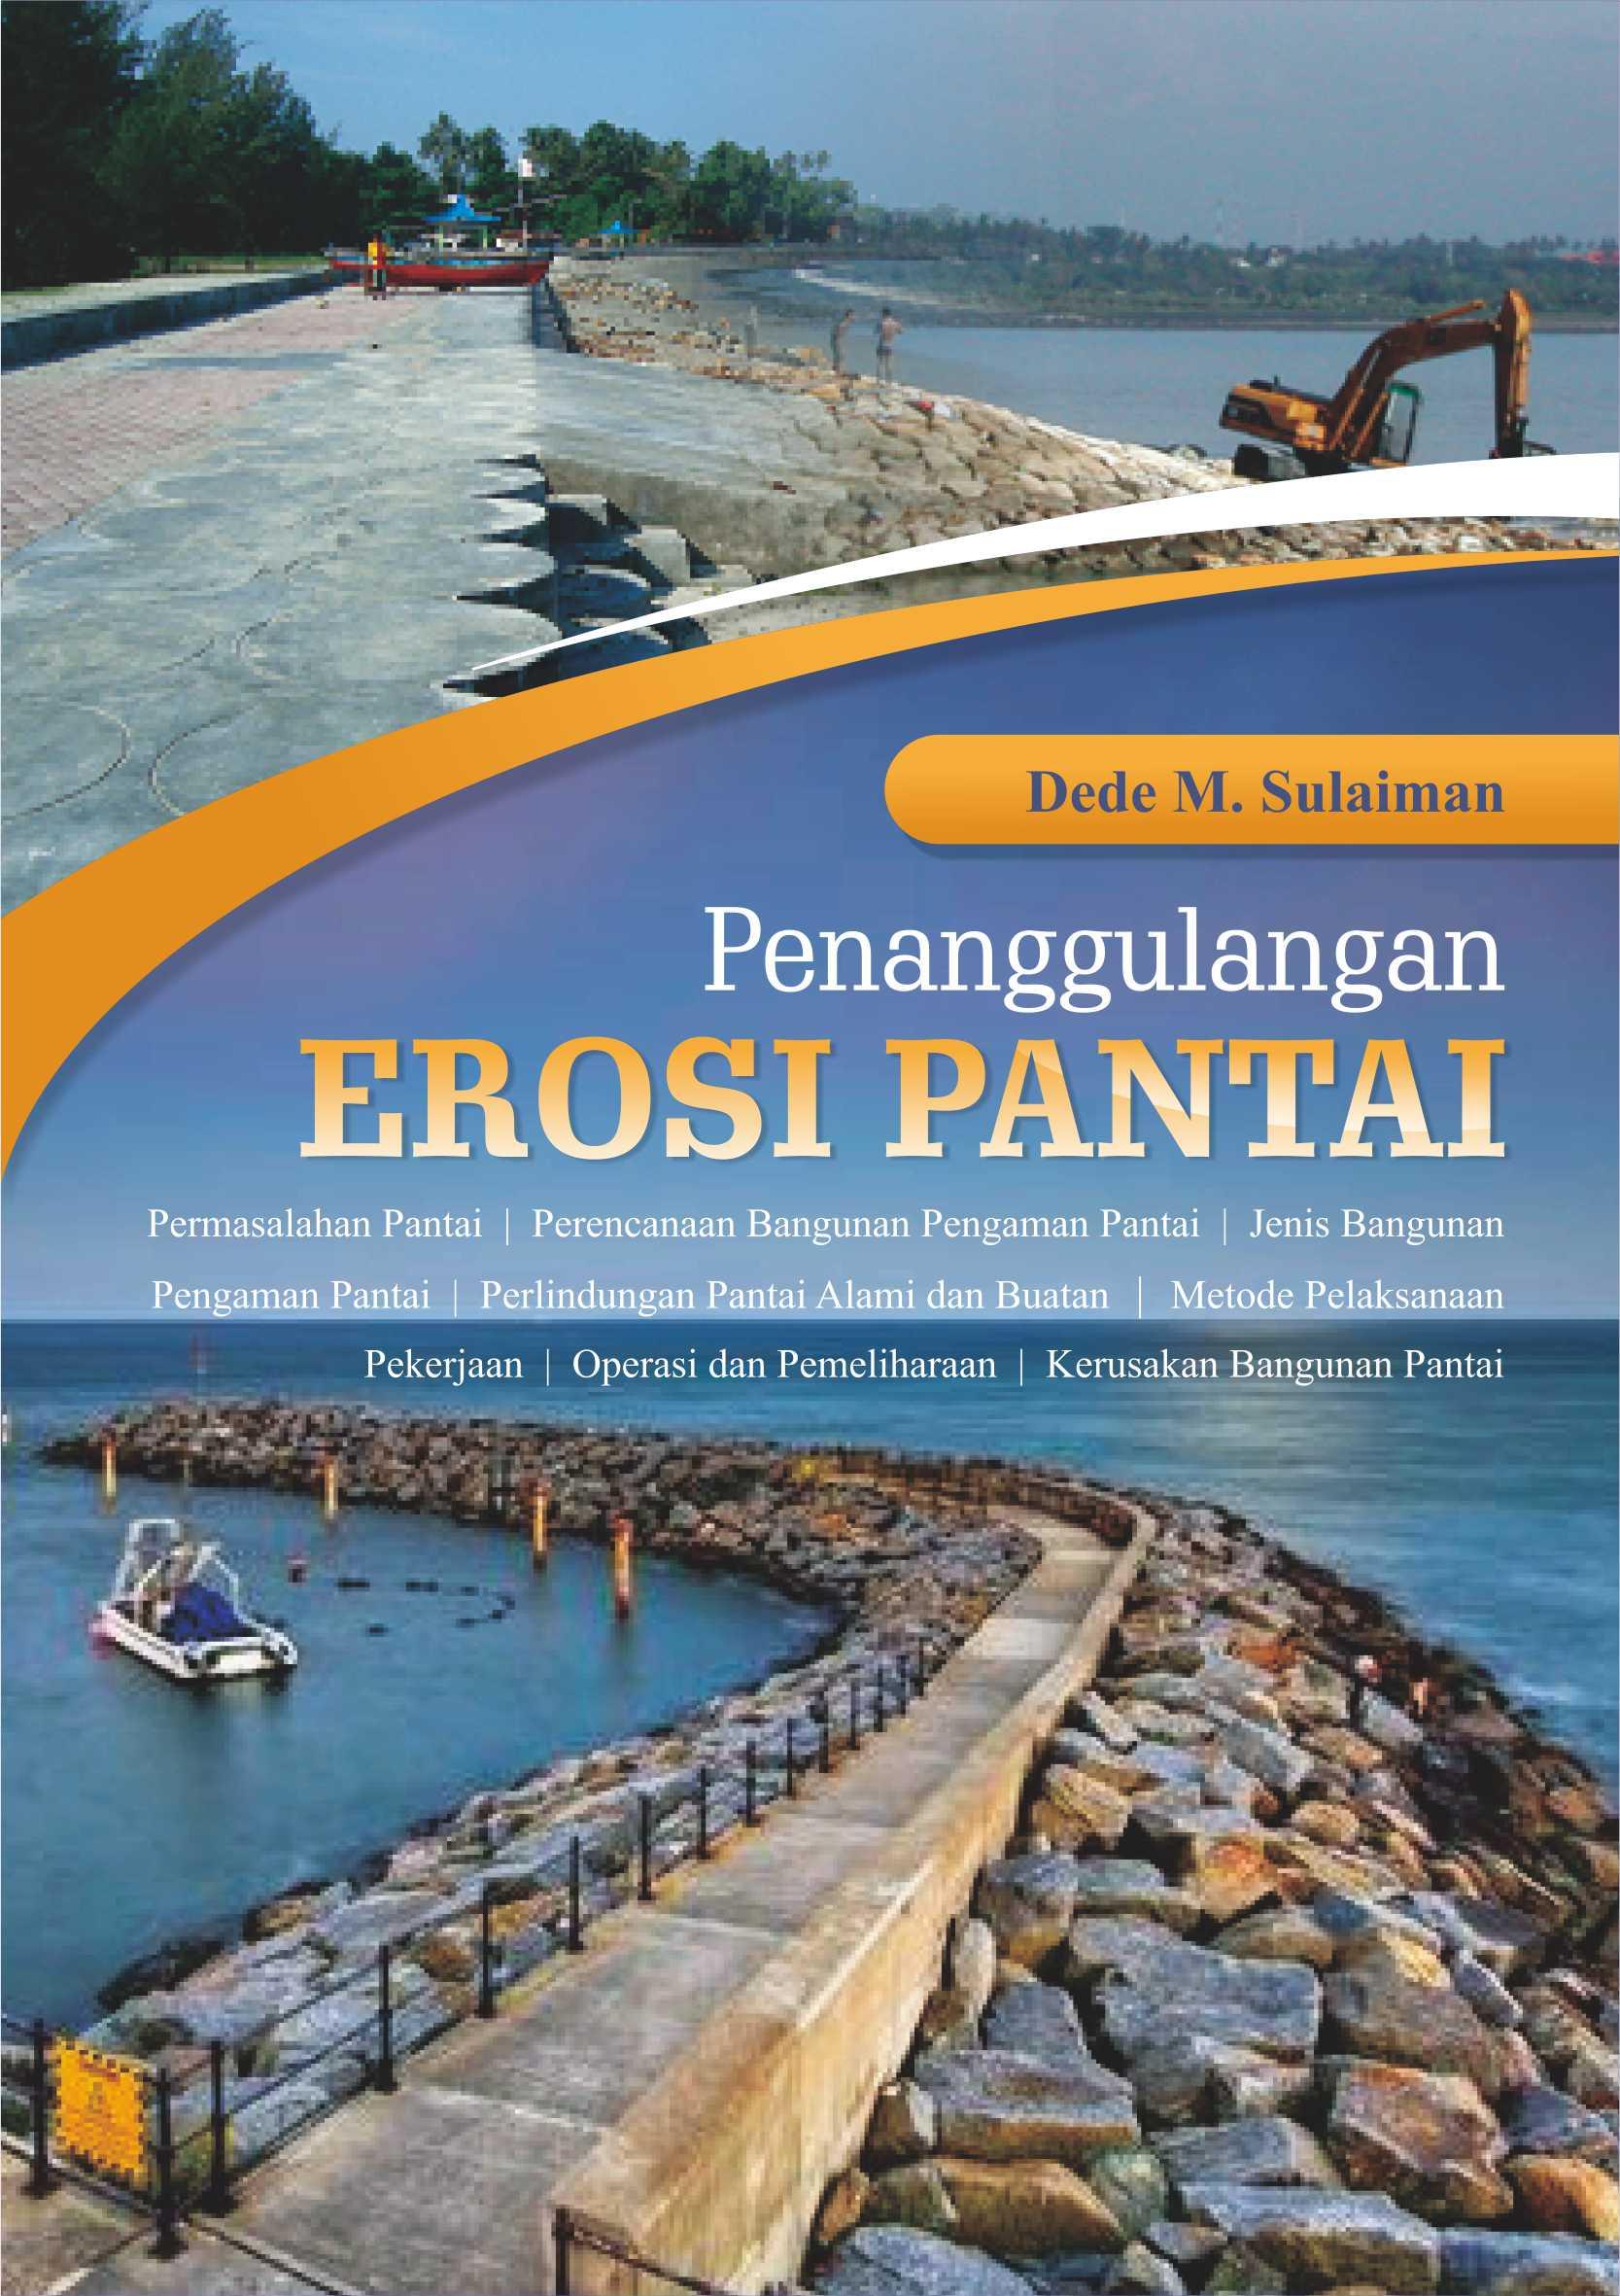 Buku Penanggulangan Erosi Pantai Penerbit Deepublish Palu Kuning Kab Banyuwangi